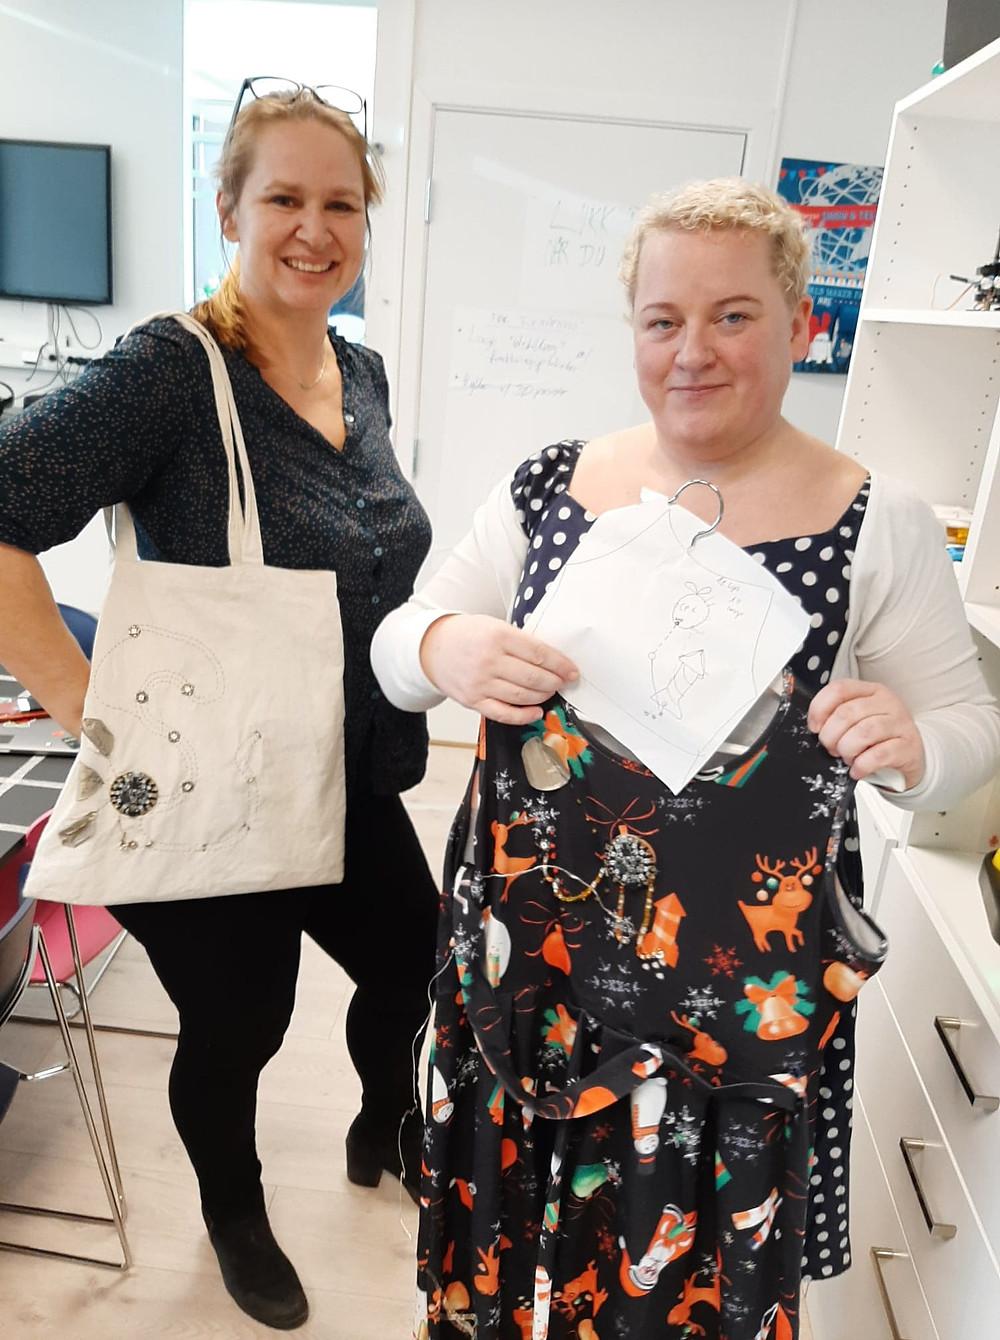 Vibeke Lauridsen Guttormsgaard og Kristine Sevik viser fram noen av produktene de har laget.